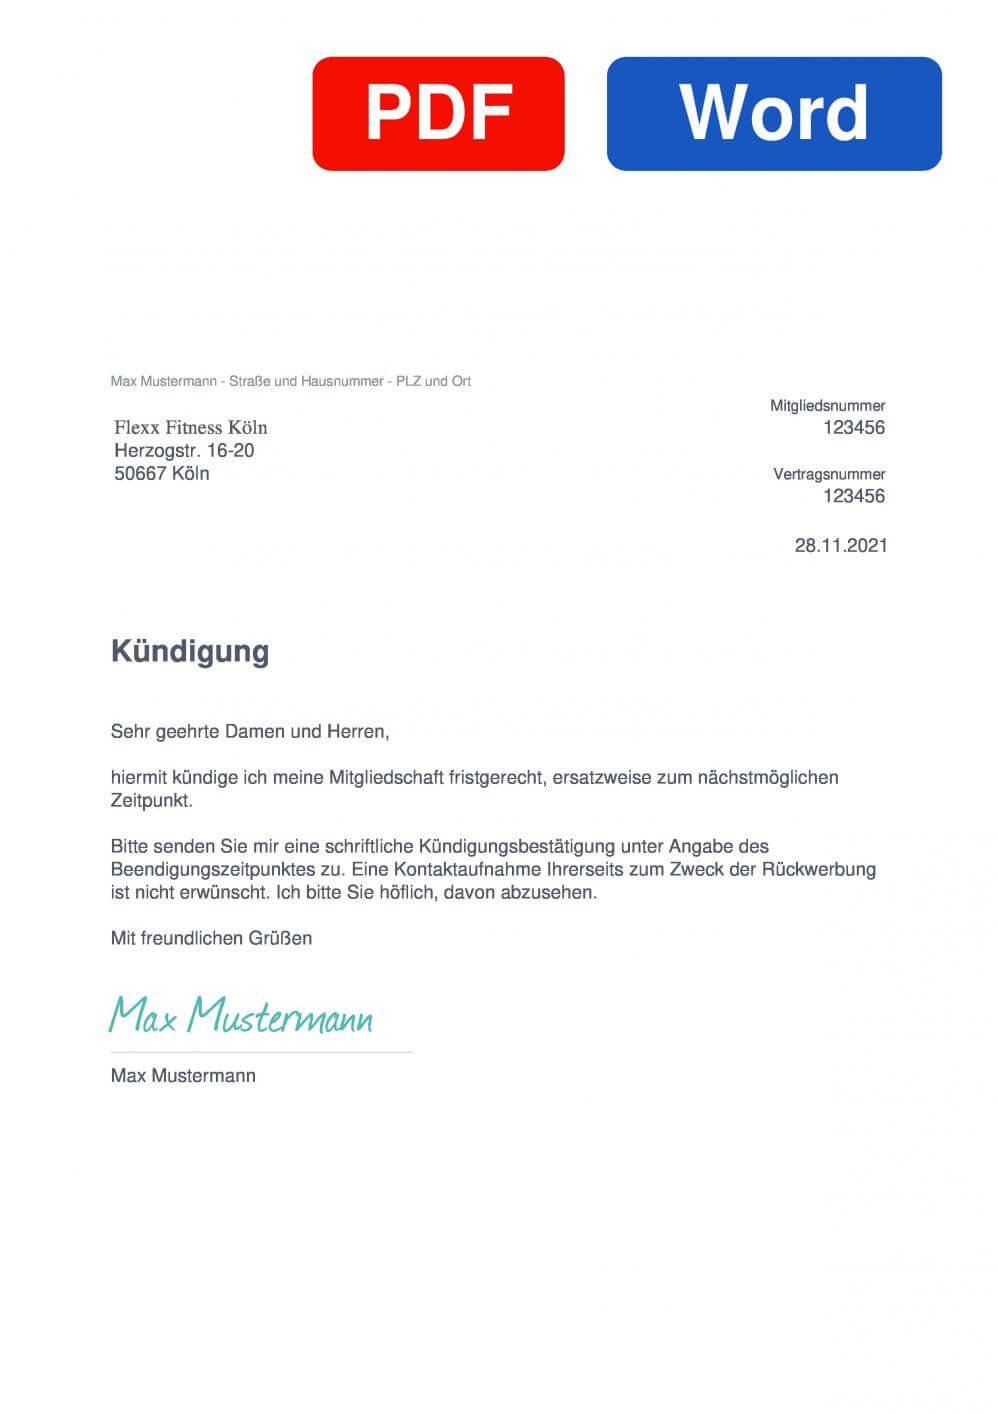 Flexx Fitness Köln Muster Vorlage für Kündigungsschreiben